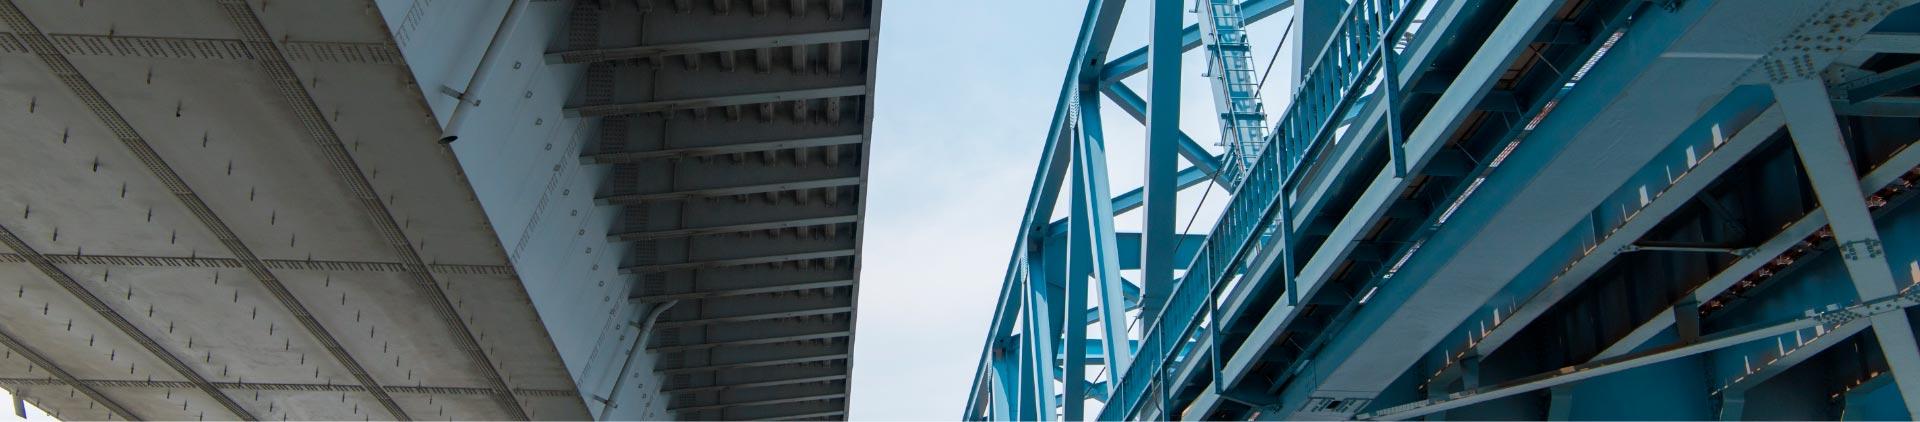 橋梁関連製品